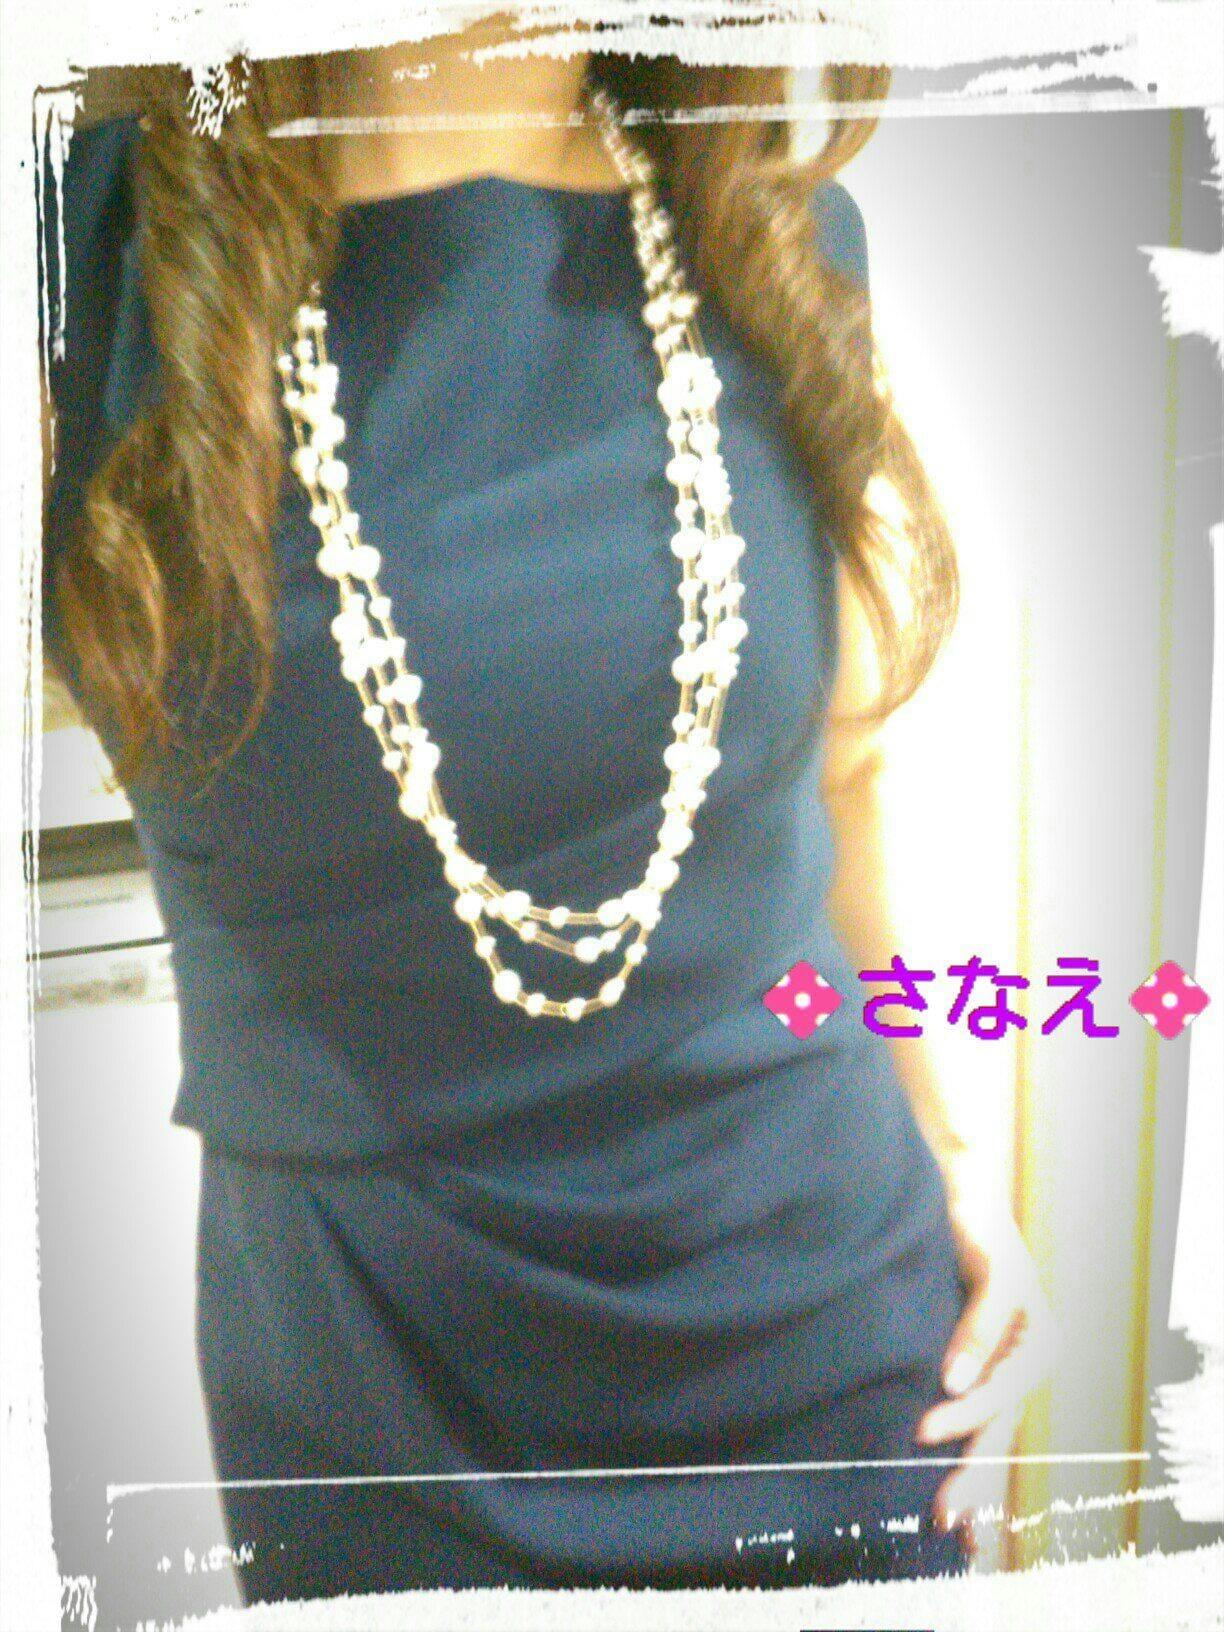 「出勤しました♪」09/16(09/16) 13:04 | 和田 早苗の写メ・風俗動画